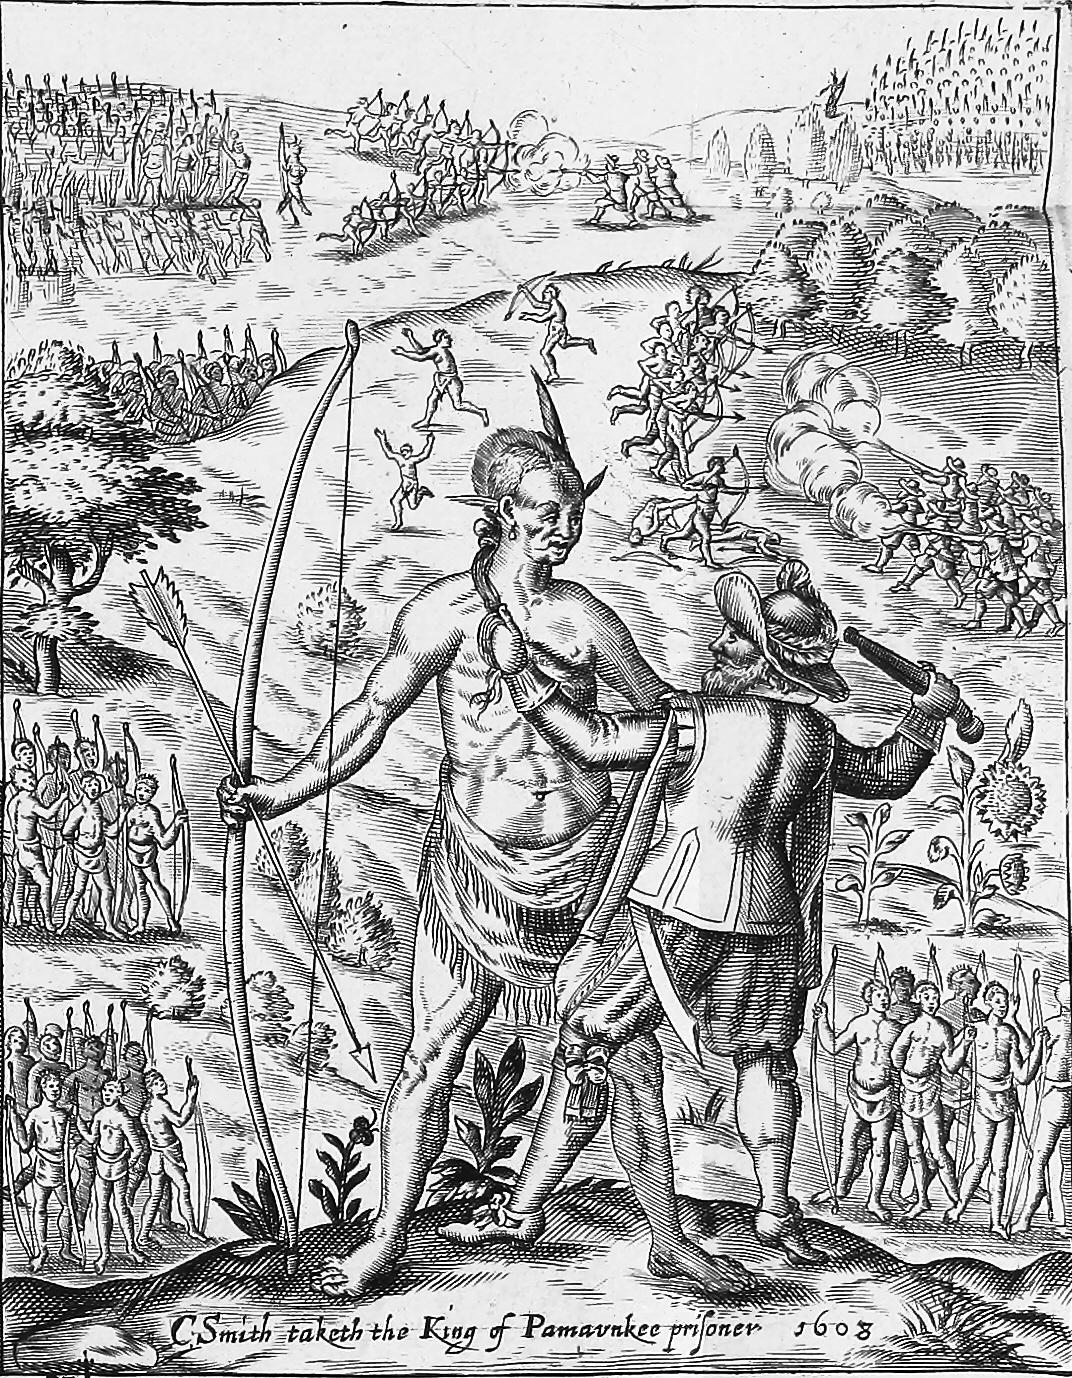 File:John Smith taking the King of Pamavnkee prisoner - etching.jpg